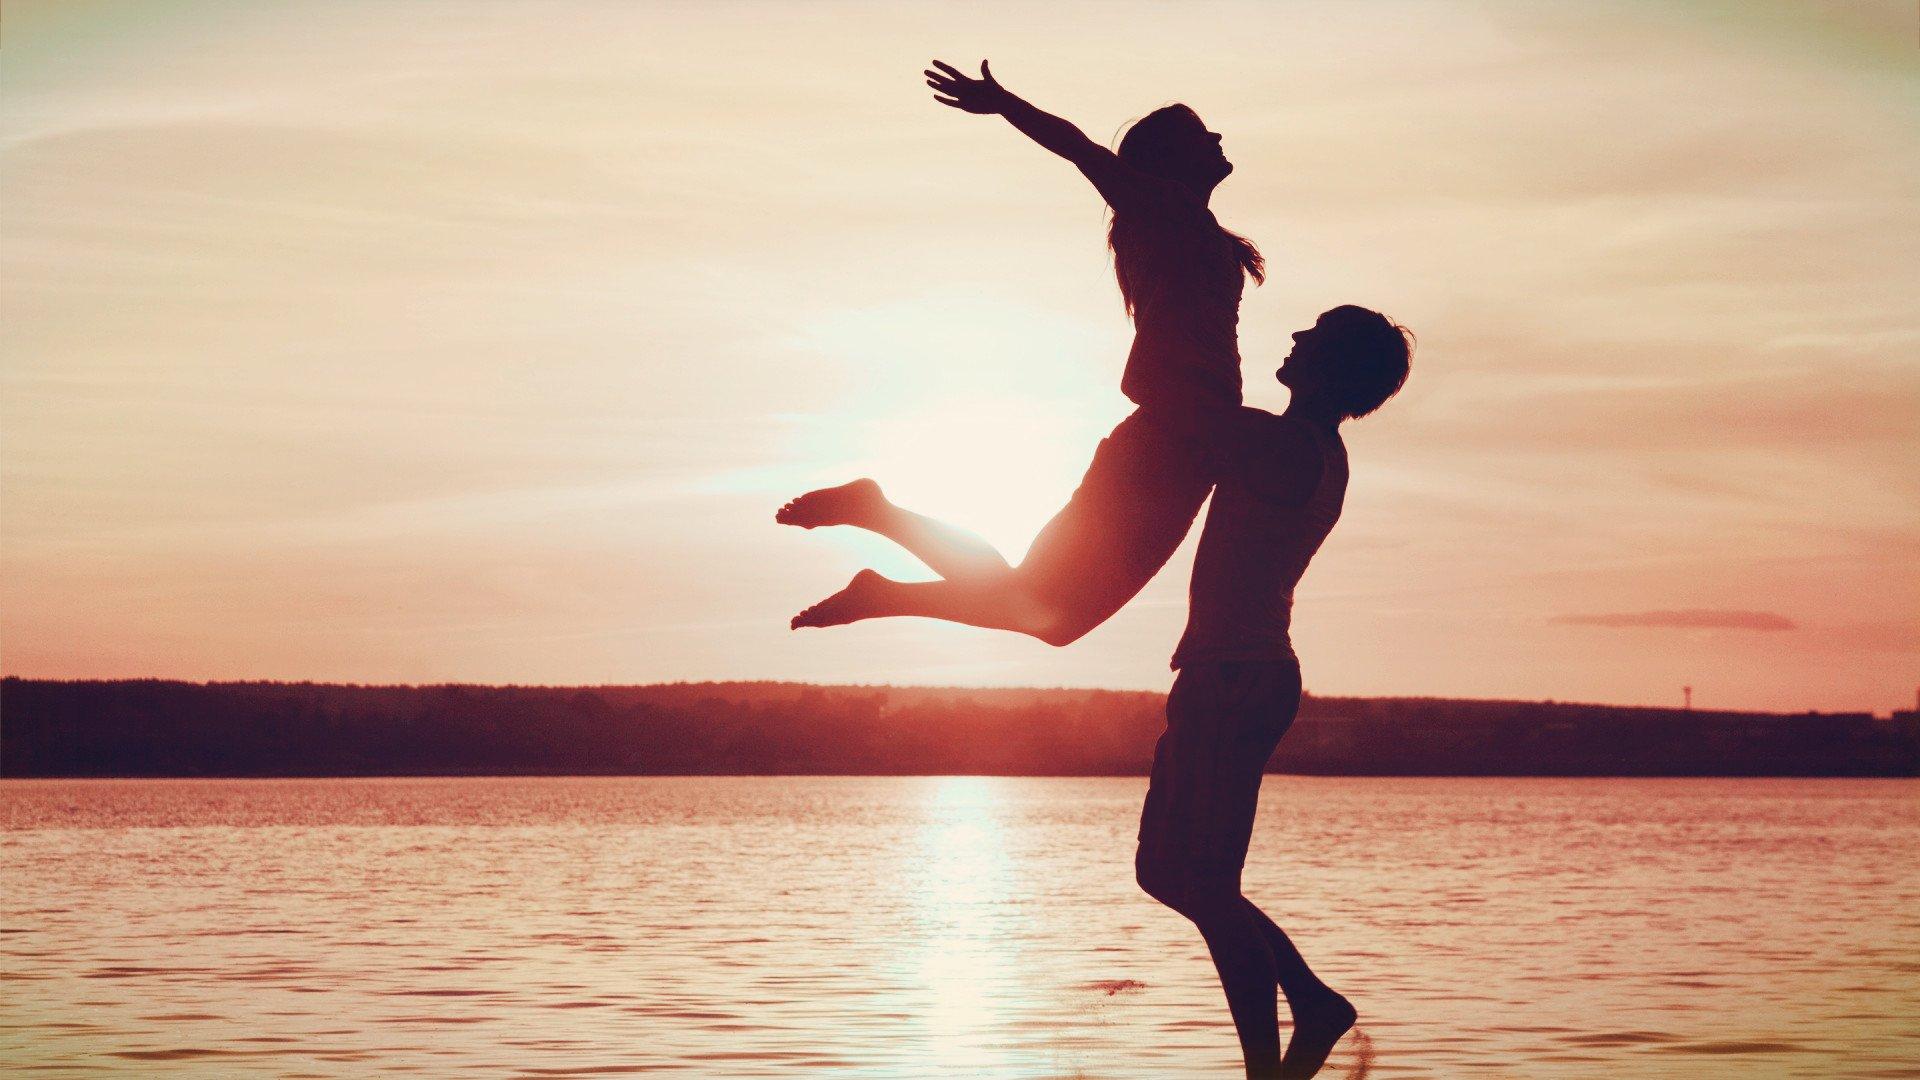 精选夕阳中海边拥抱的情侣甜蜜浪漫ppt背景图片下载